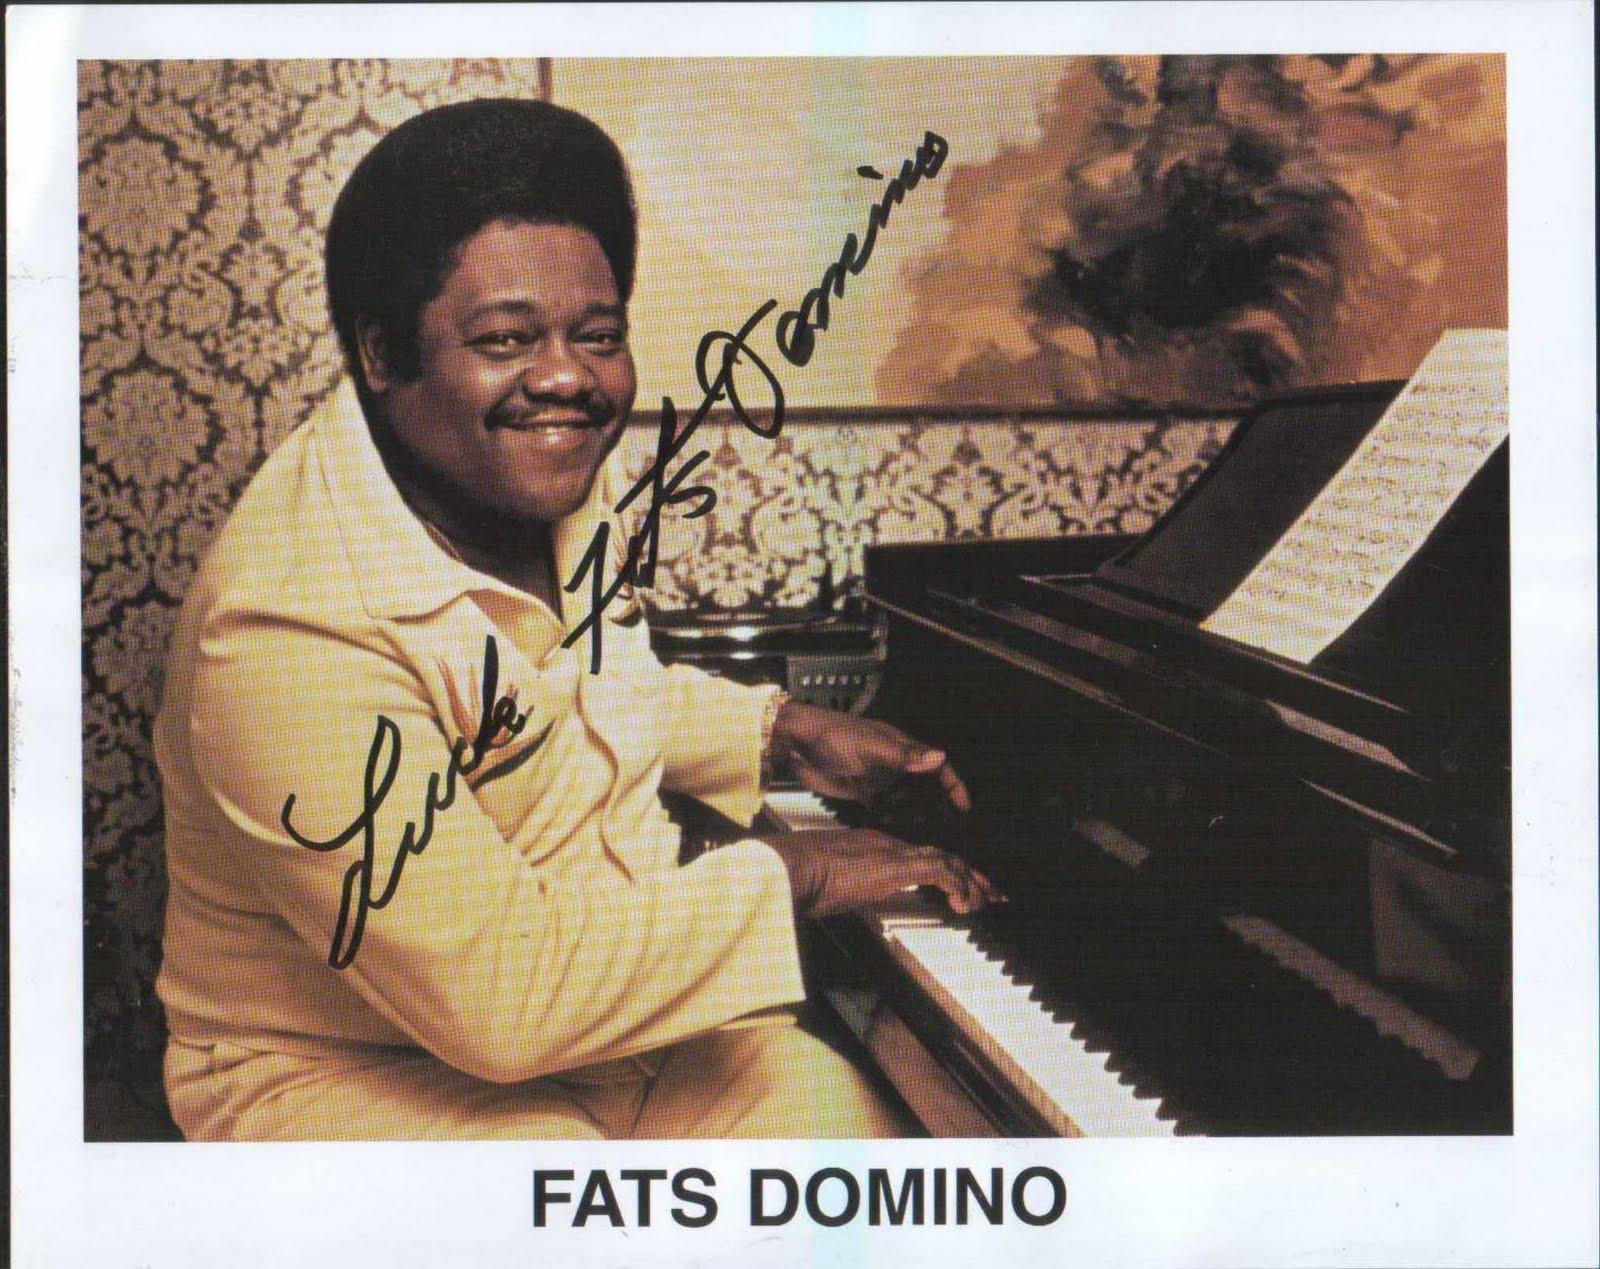 http://1.bp.blogspot.com/_Ef4A22orb7w/TSNzqSCSRpI/AAAAAAAAAFs/kwi-P0VlDvY/s1600/Fats_Domino-r536496.jpg